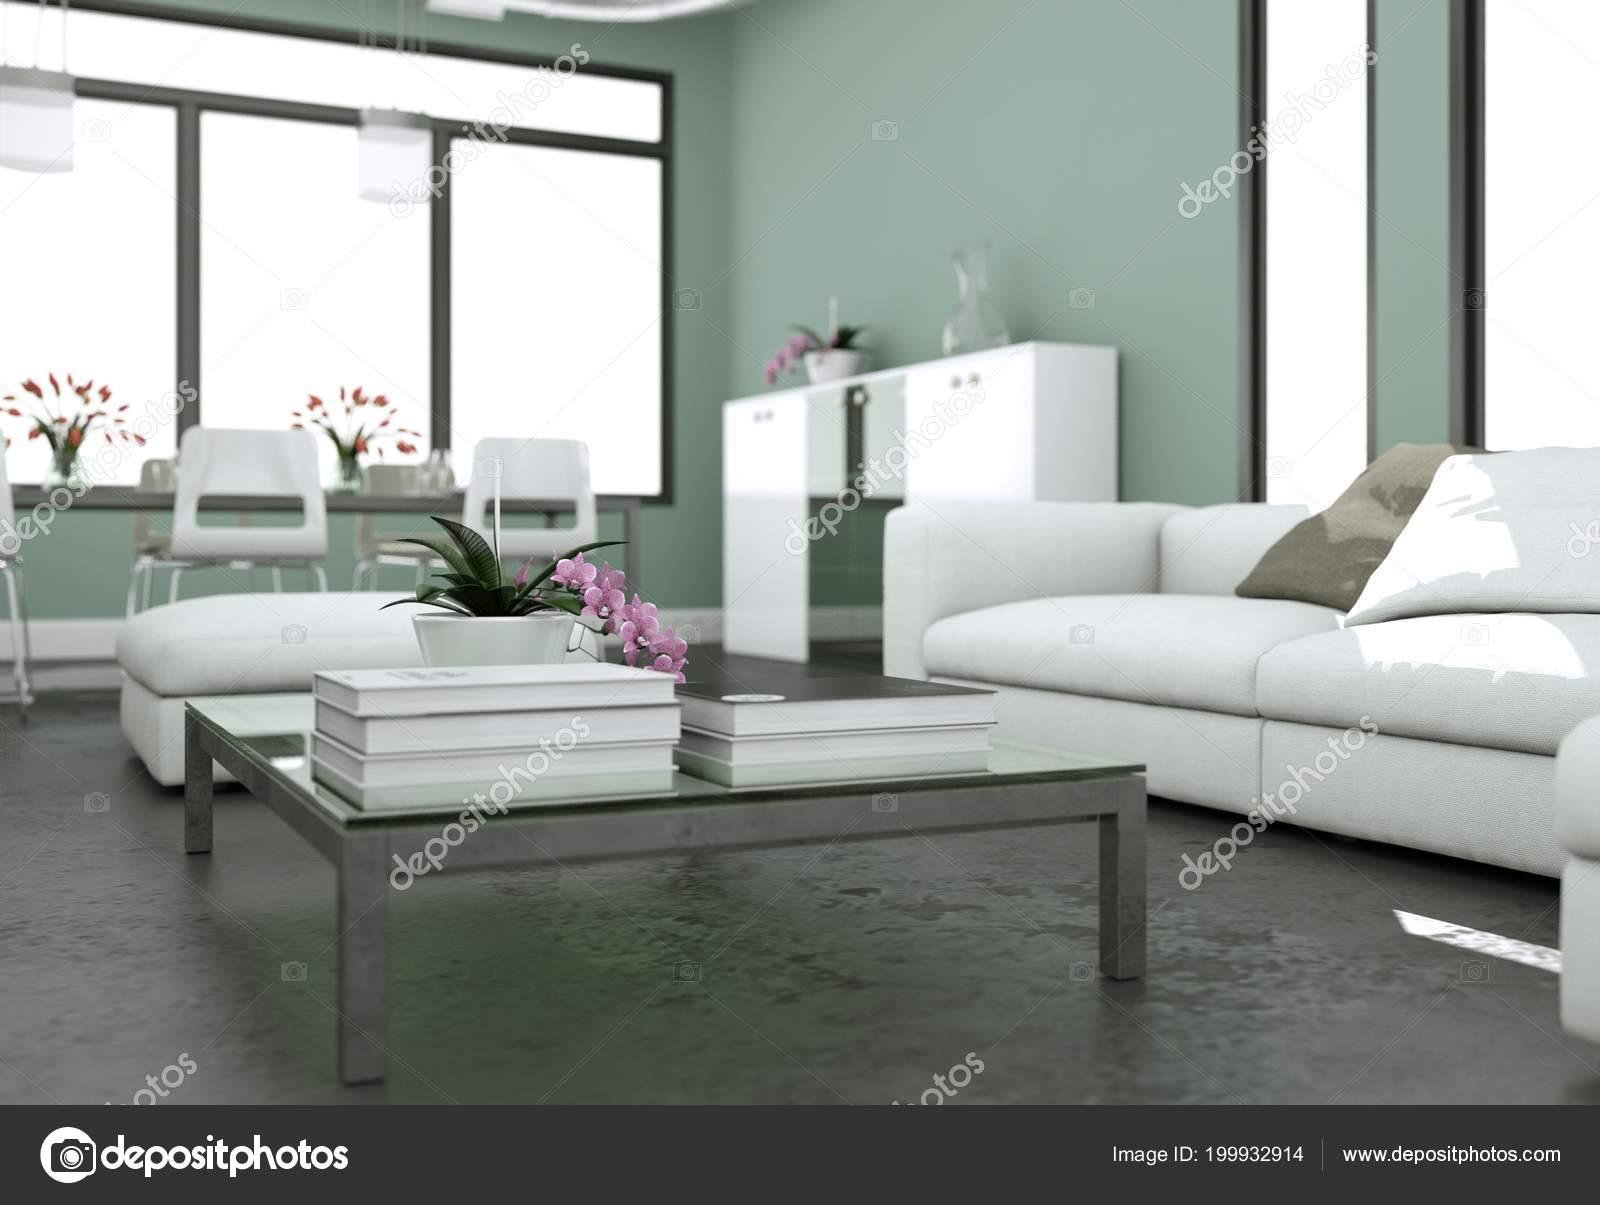 Diseño de interiores moderno luminoso living-comedor con sofás y ...